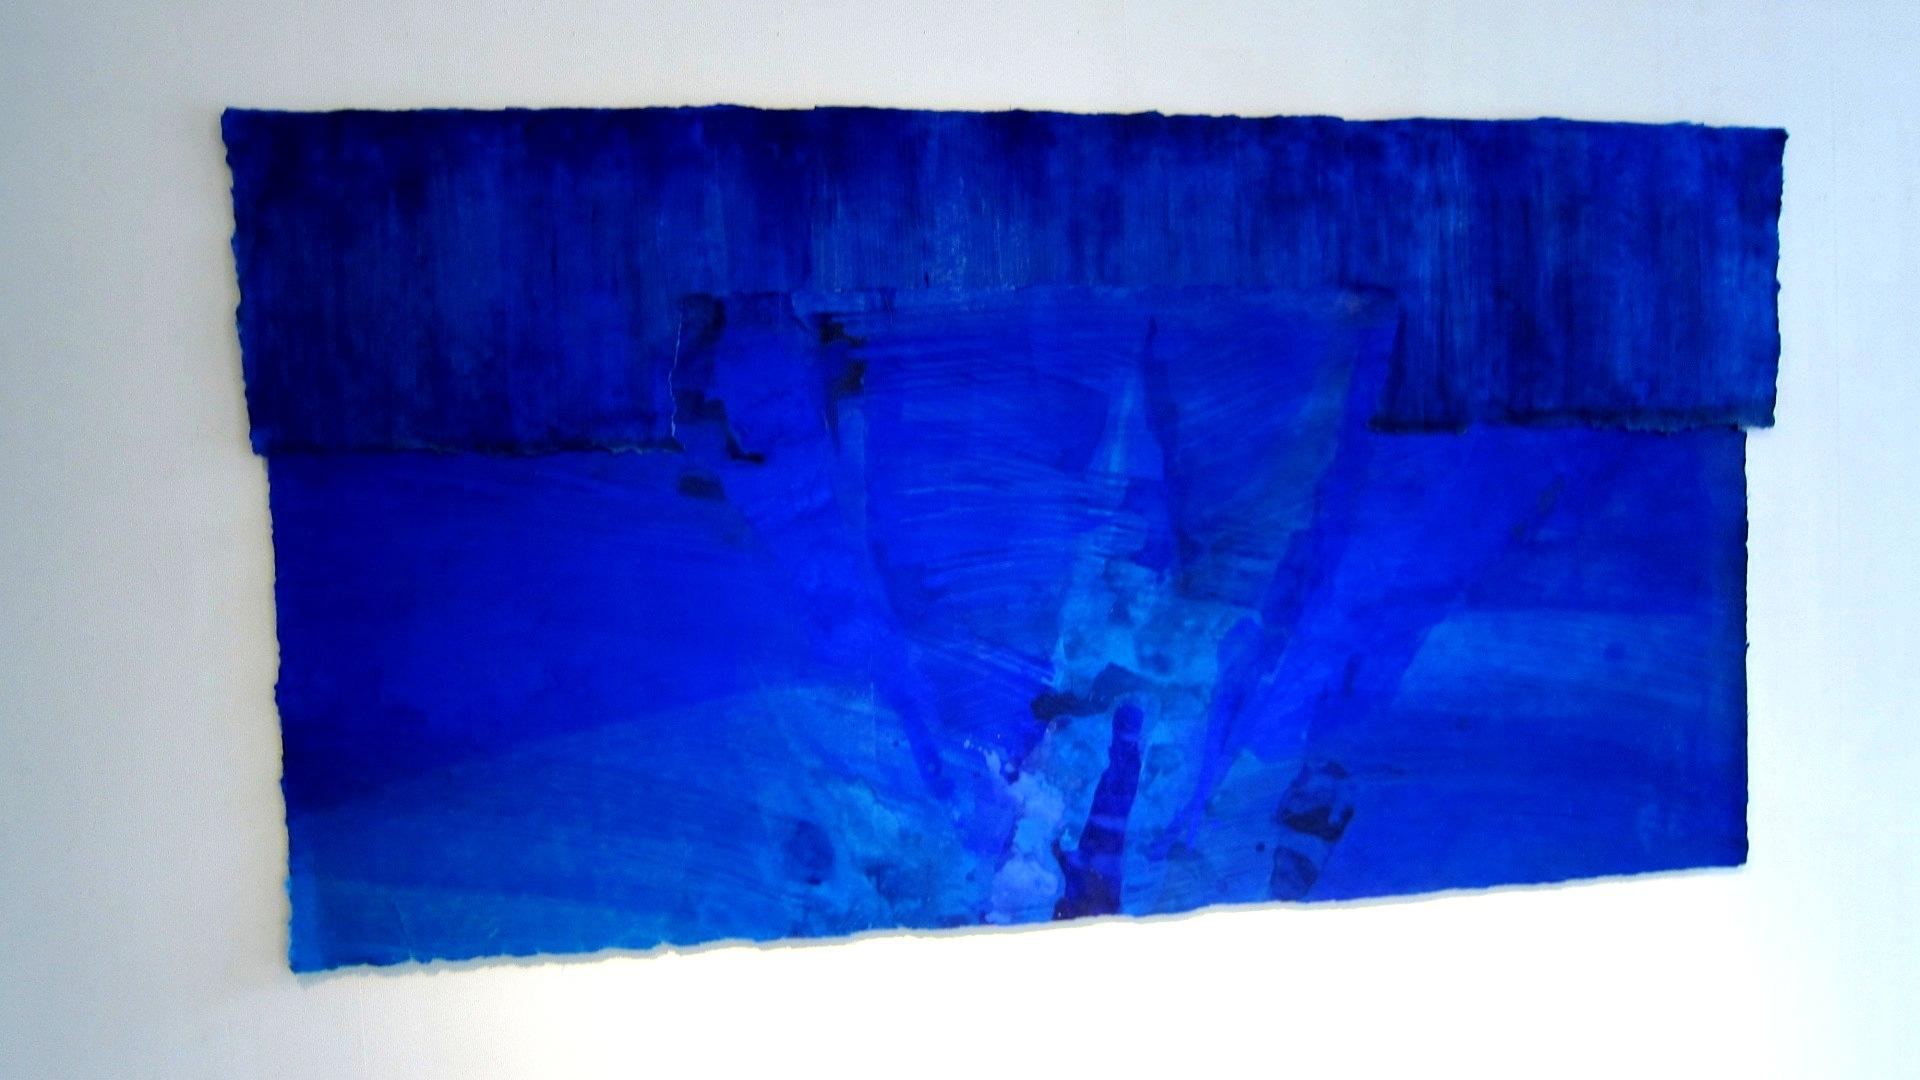 2434) 「後藤和子展 『青の災禍』」 創 7月30日(水)~8月10日(日)_f0126829_21562125.jpg